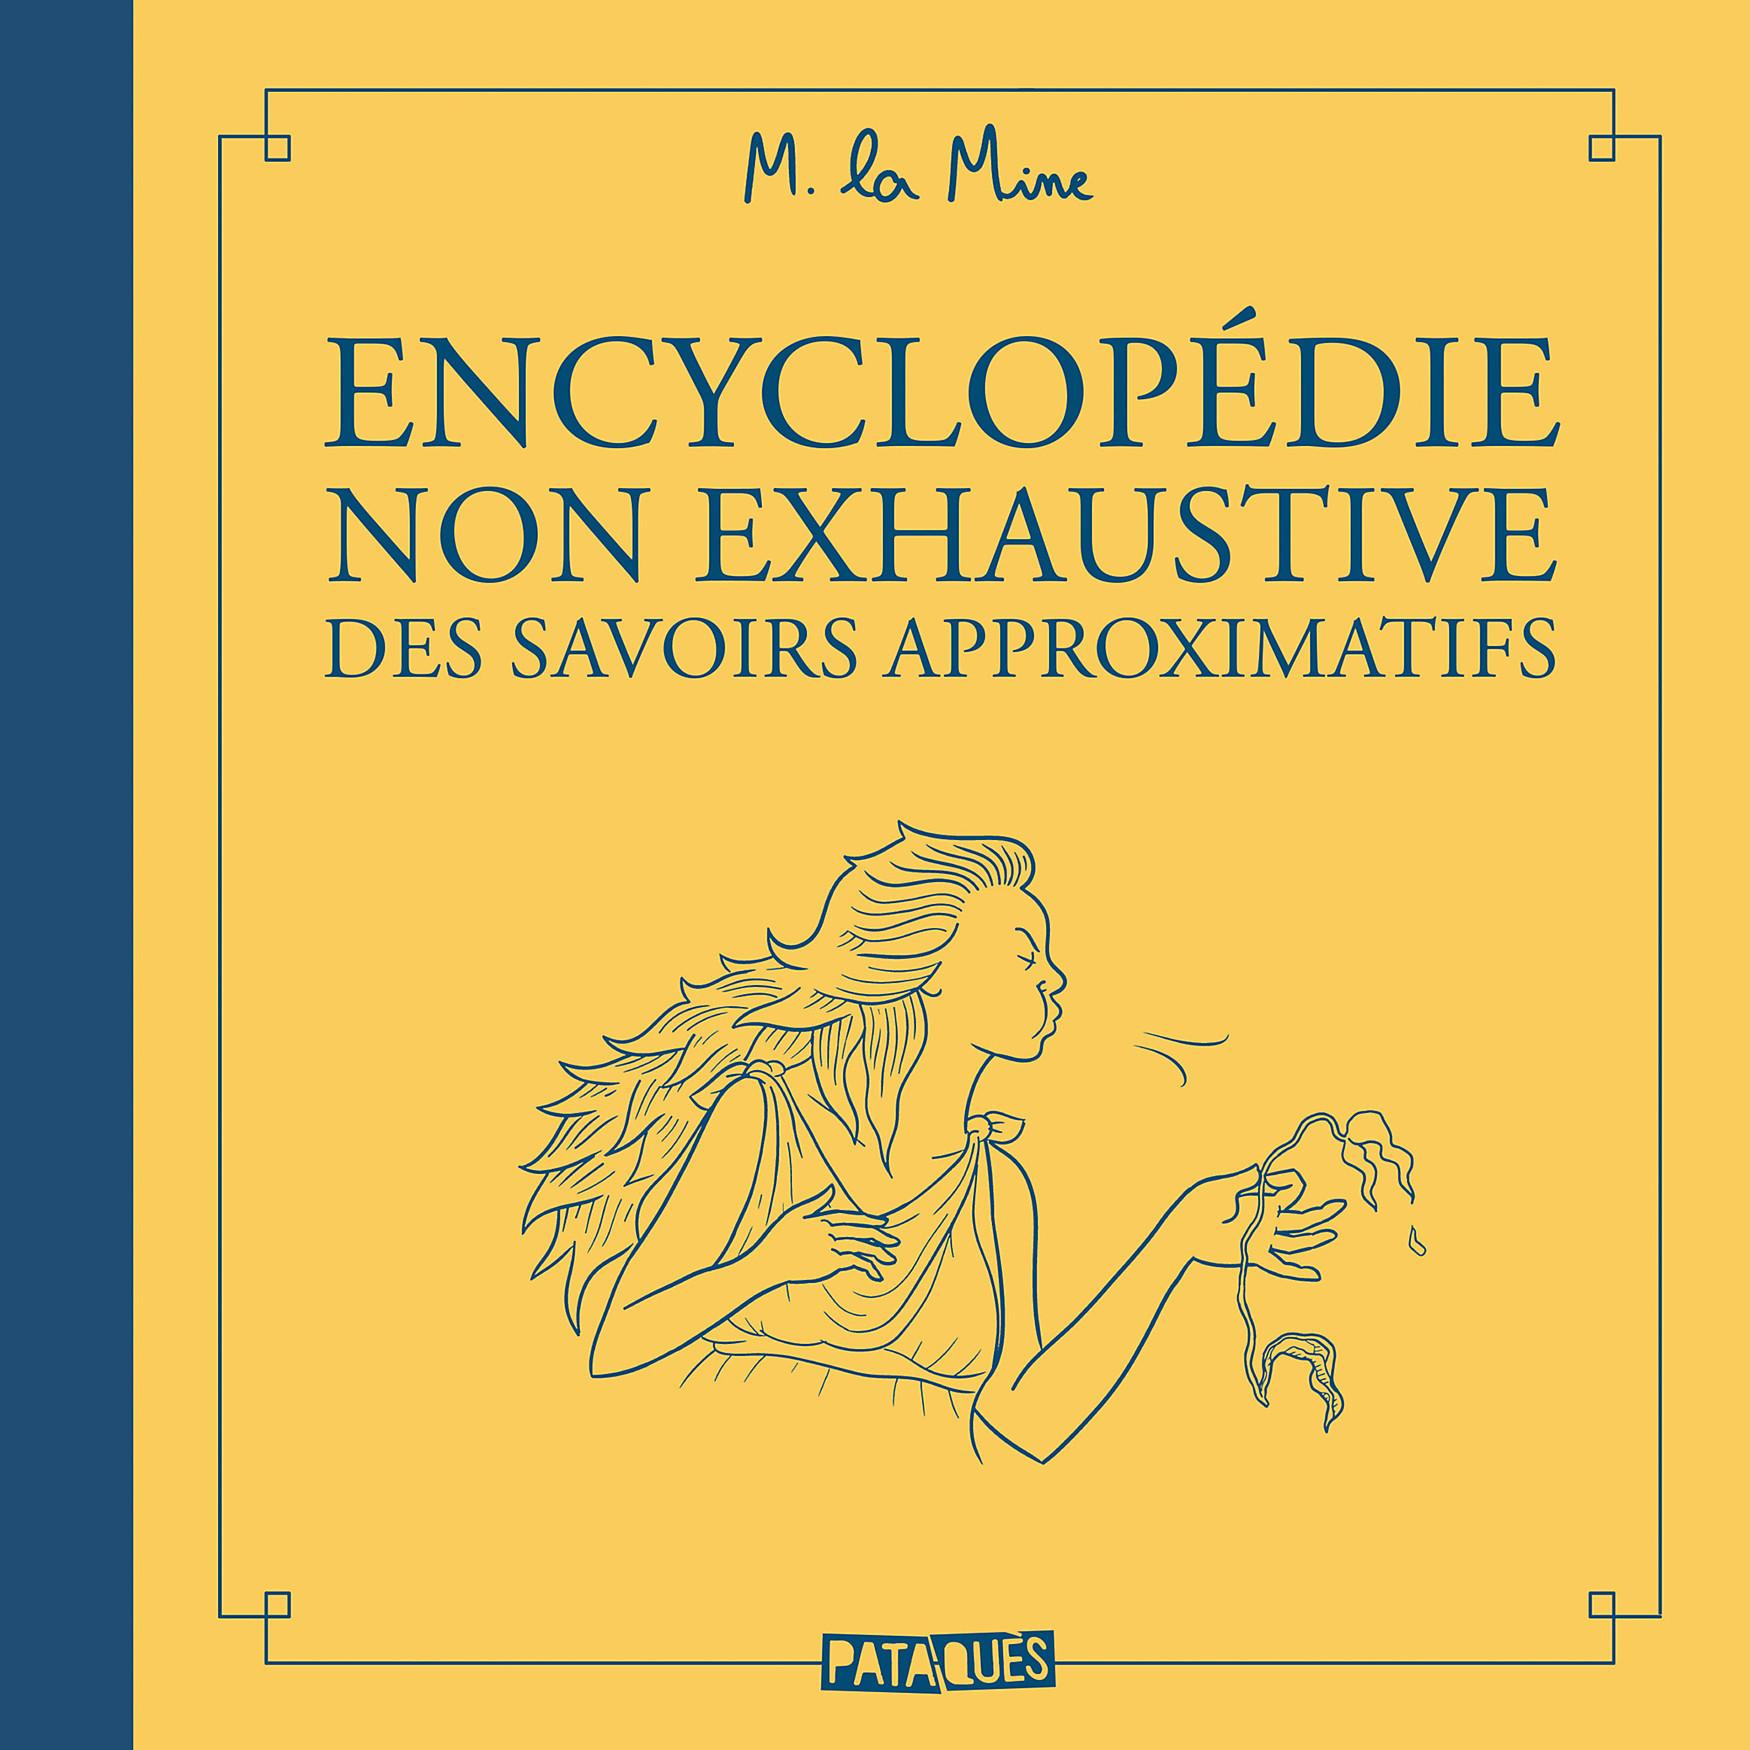 Encyclopédie non exhaustive des savoirs approximatifs 1